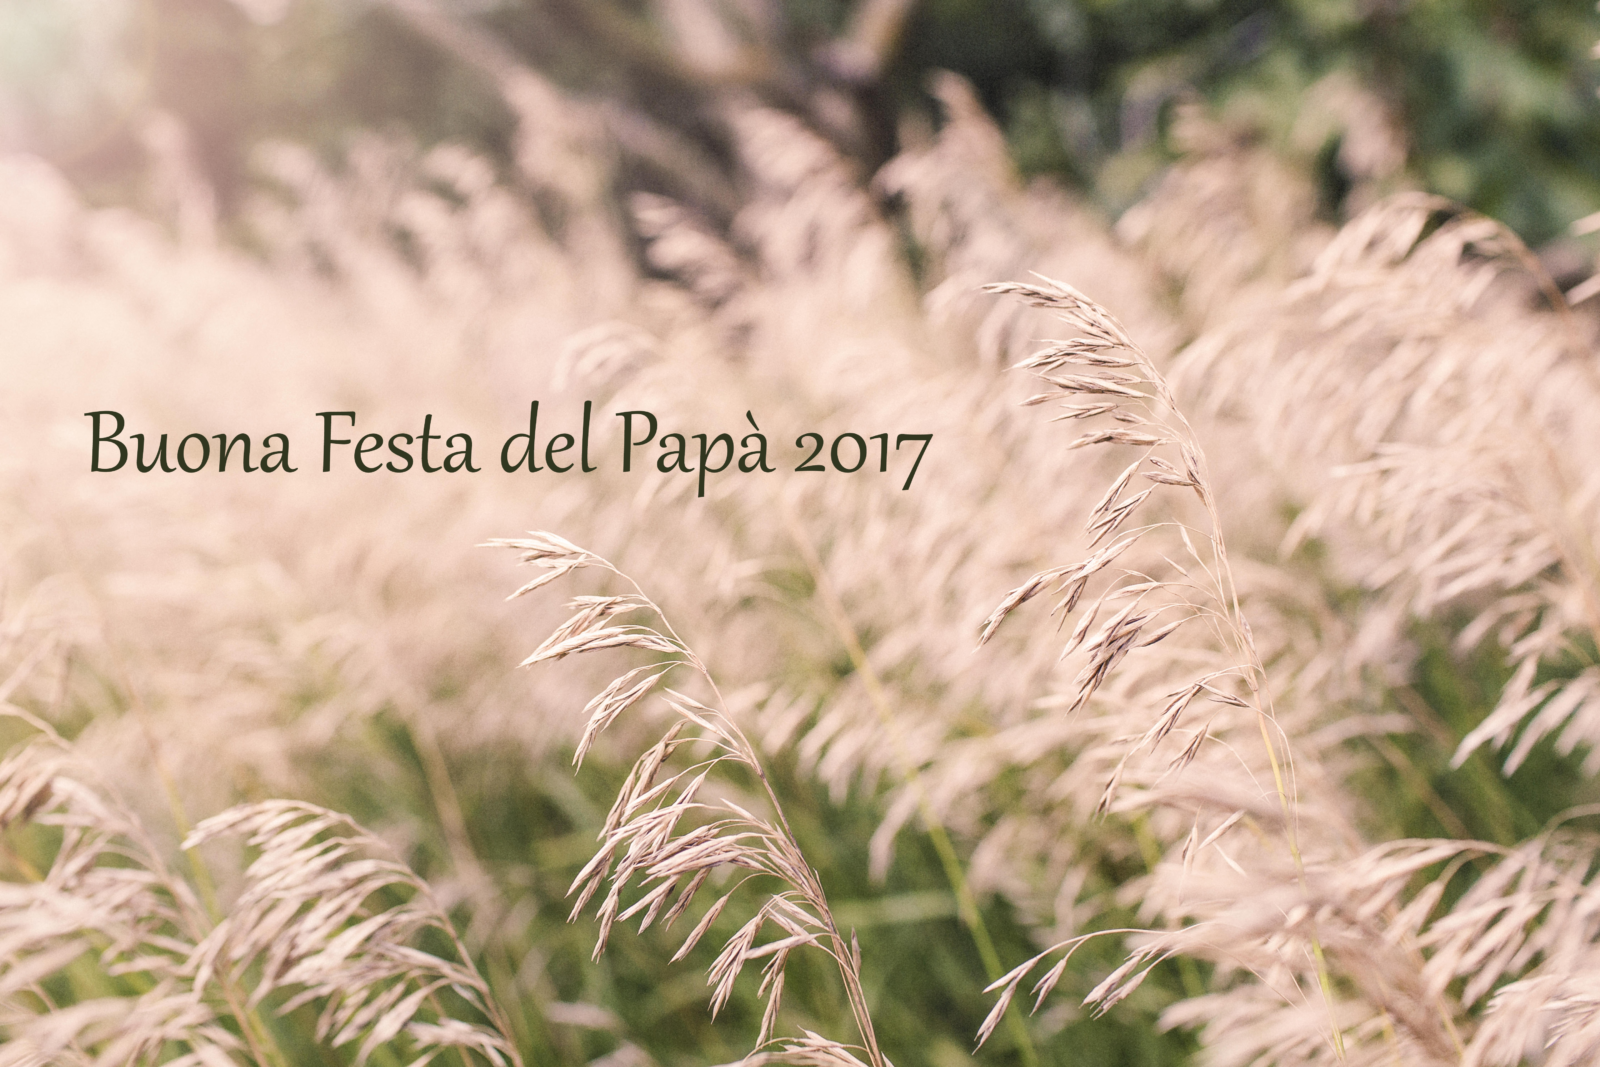 auguri-festa-del papa-immagini-2017-9